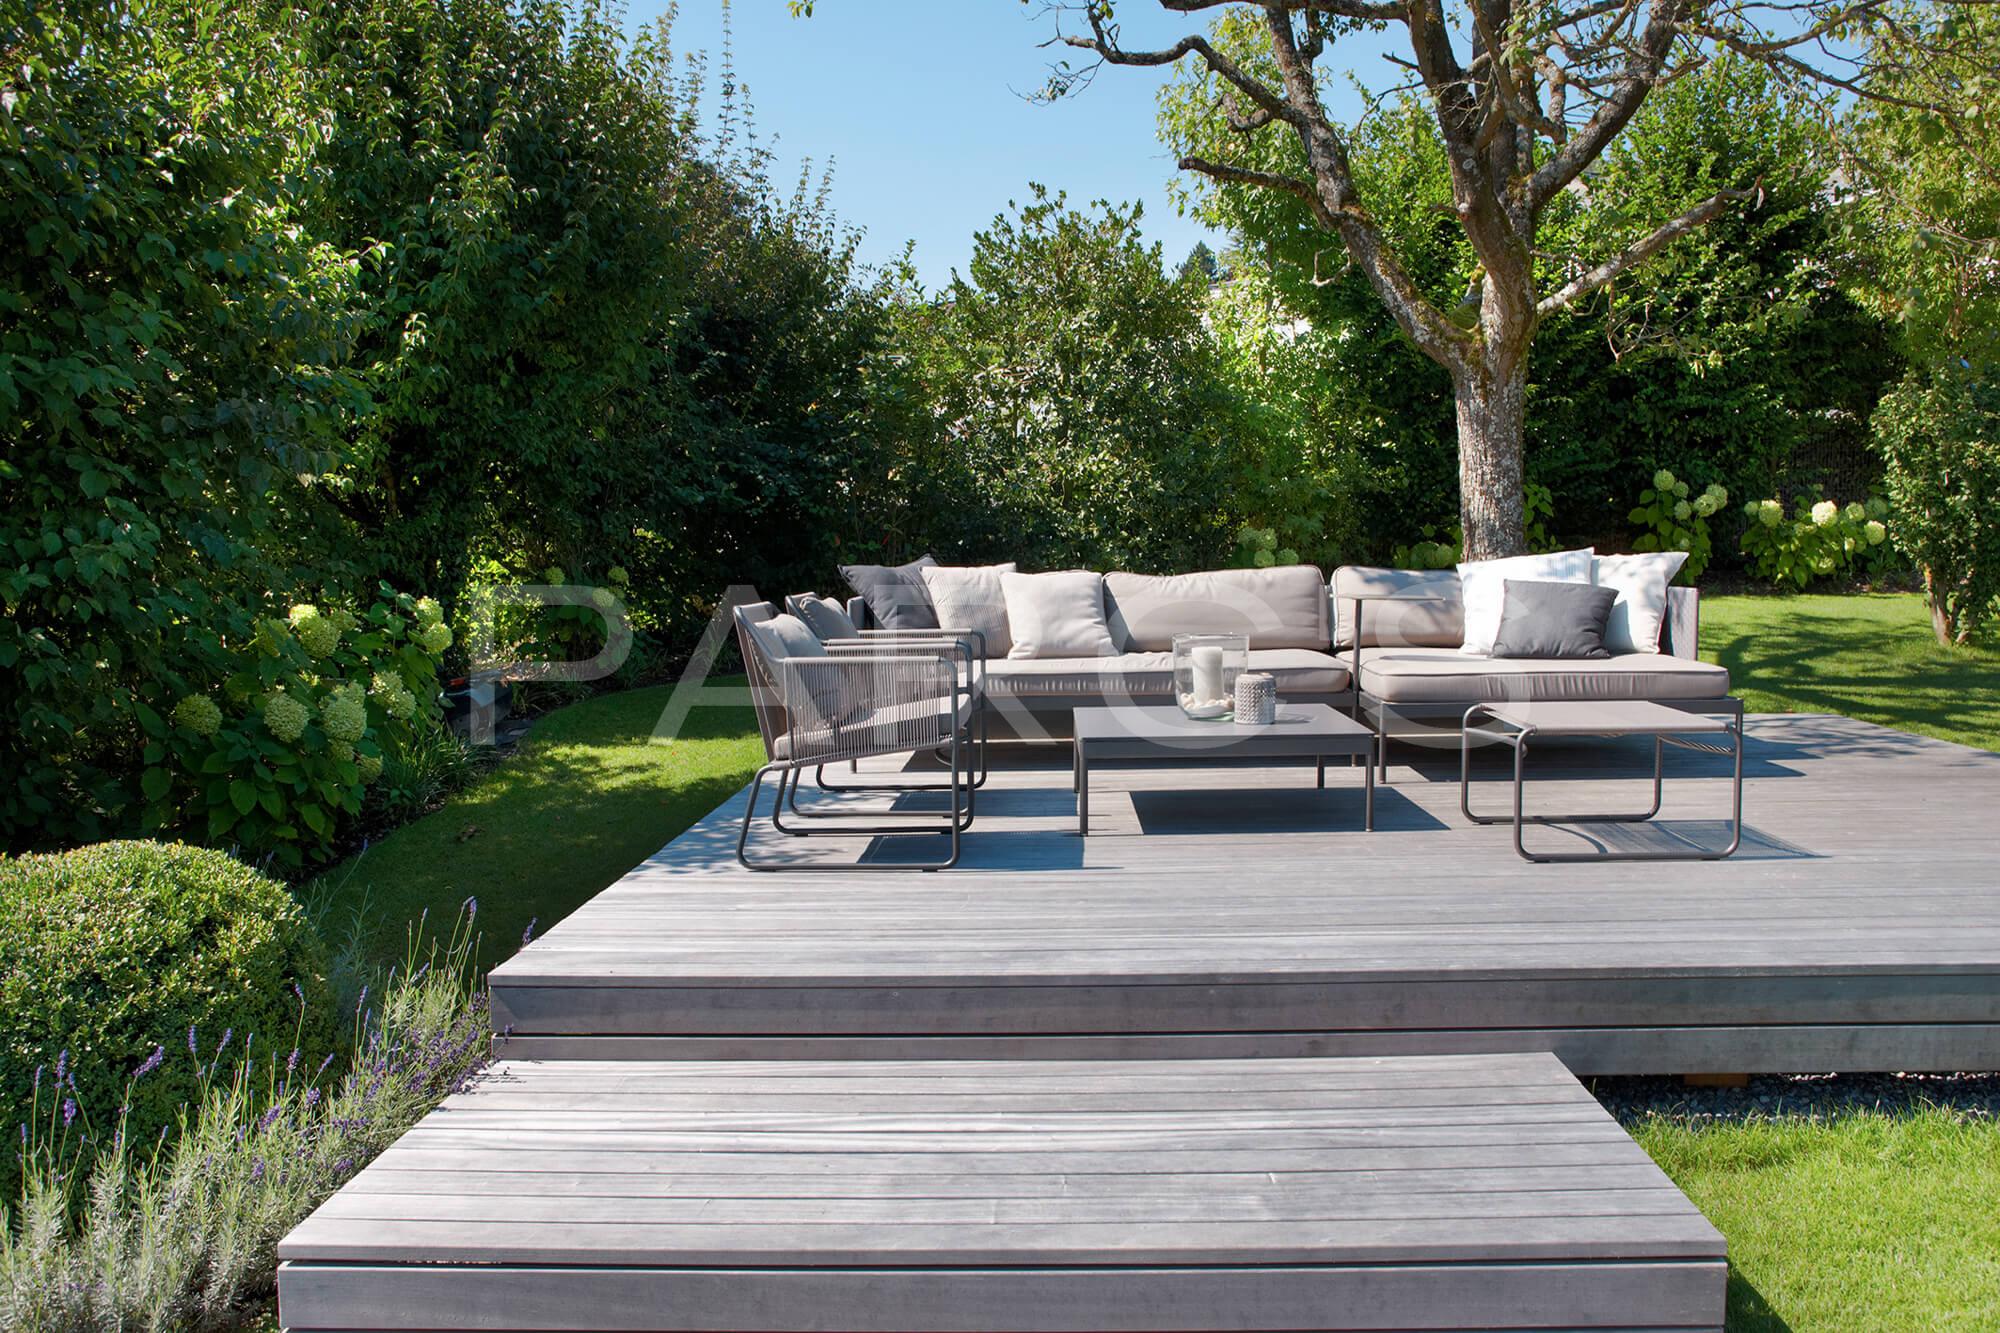 Ausstattungskonzept-Garten-Terrassen-Gartengestaltung-Lounge3-2